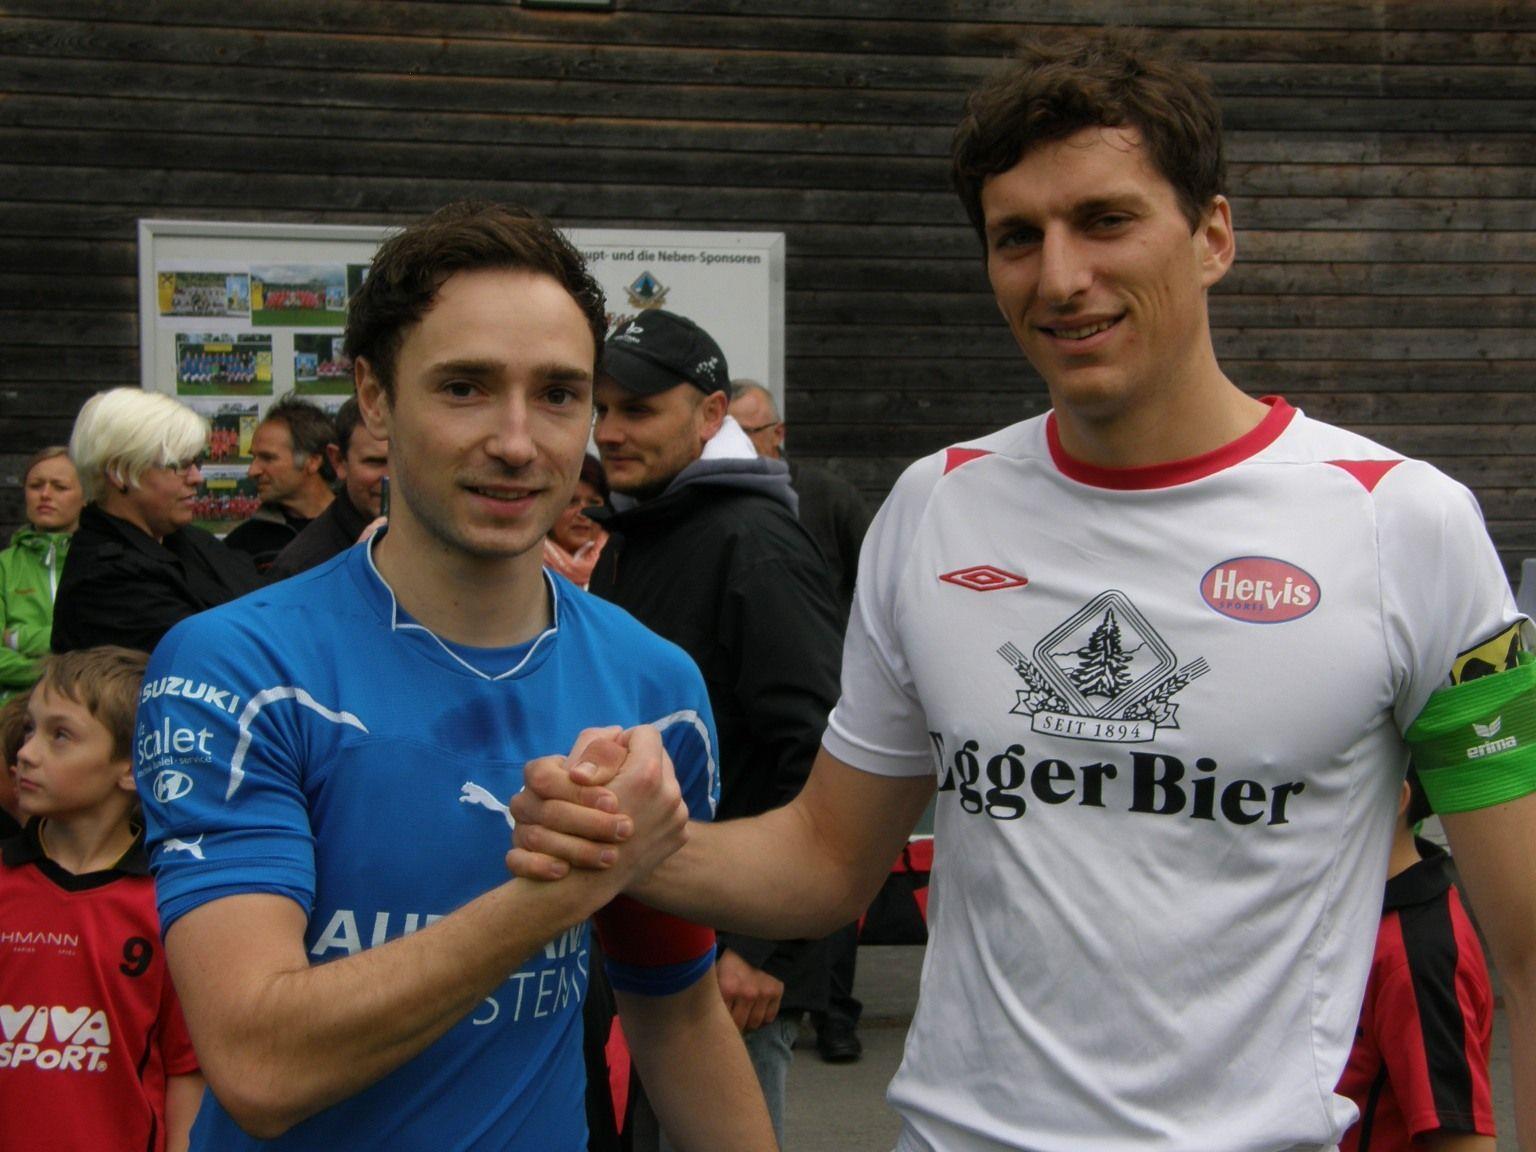 Freundschaftliches Shake-Hands zwischen den Spielführern Daniel Schneider (re.) und René Schedler.